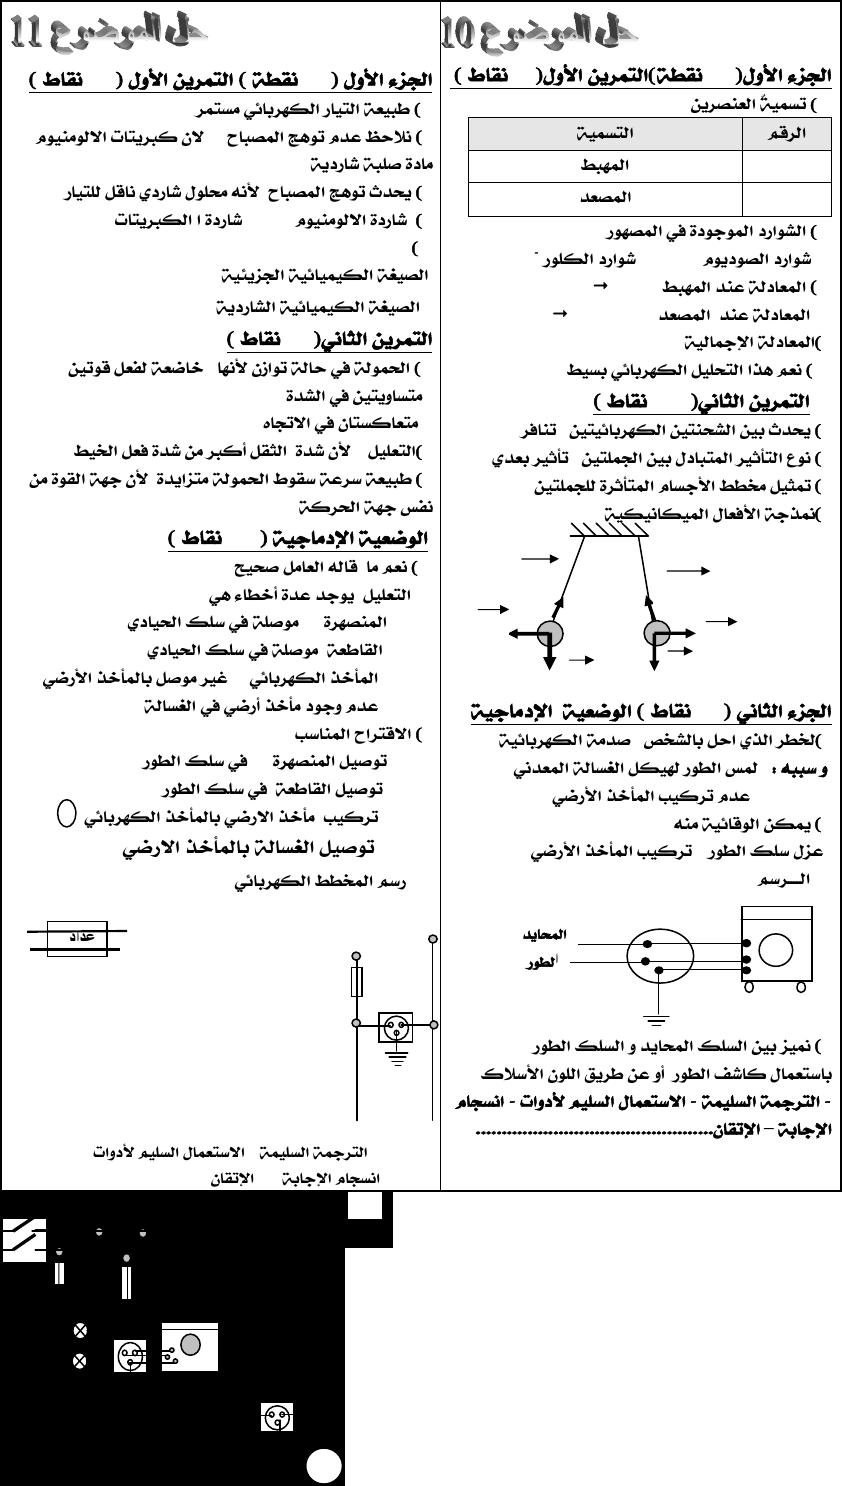 كتاب السبيل إلى اختباراتي في العلوم الفيزيائية 4 متوسط 25-ad8a21357a